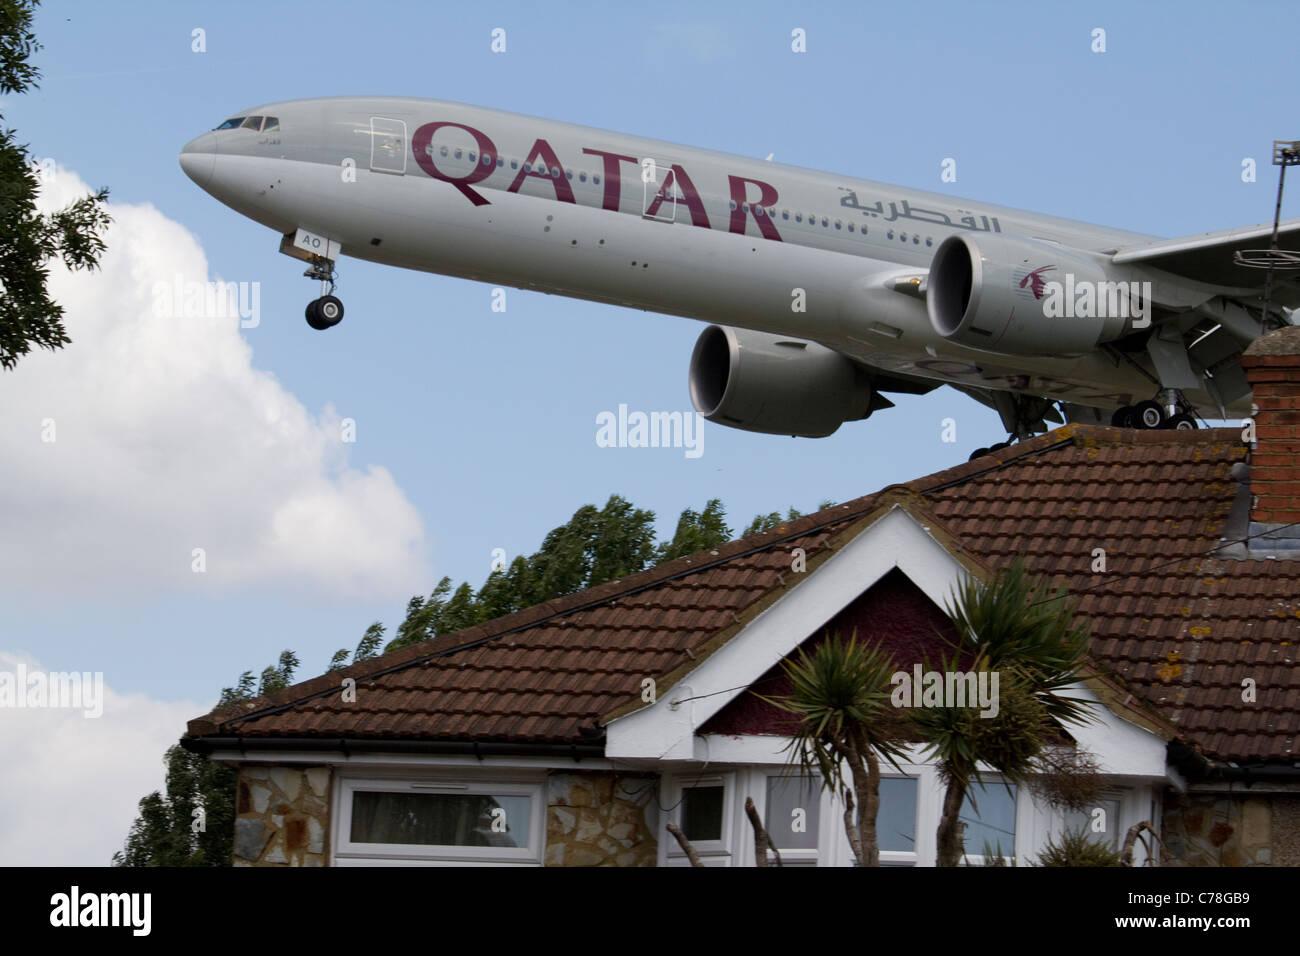 Il Qatar aereo di linea bassa Battenti aereo aeroporto di Heathrow approccio Immagini Stock